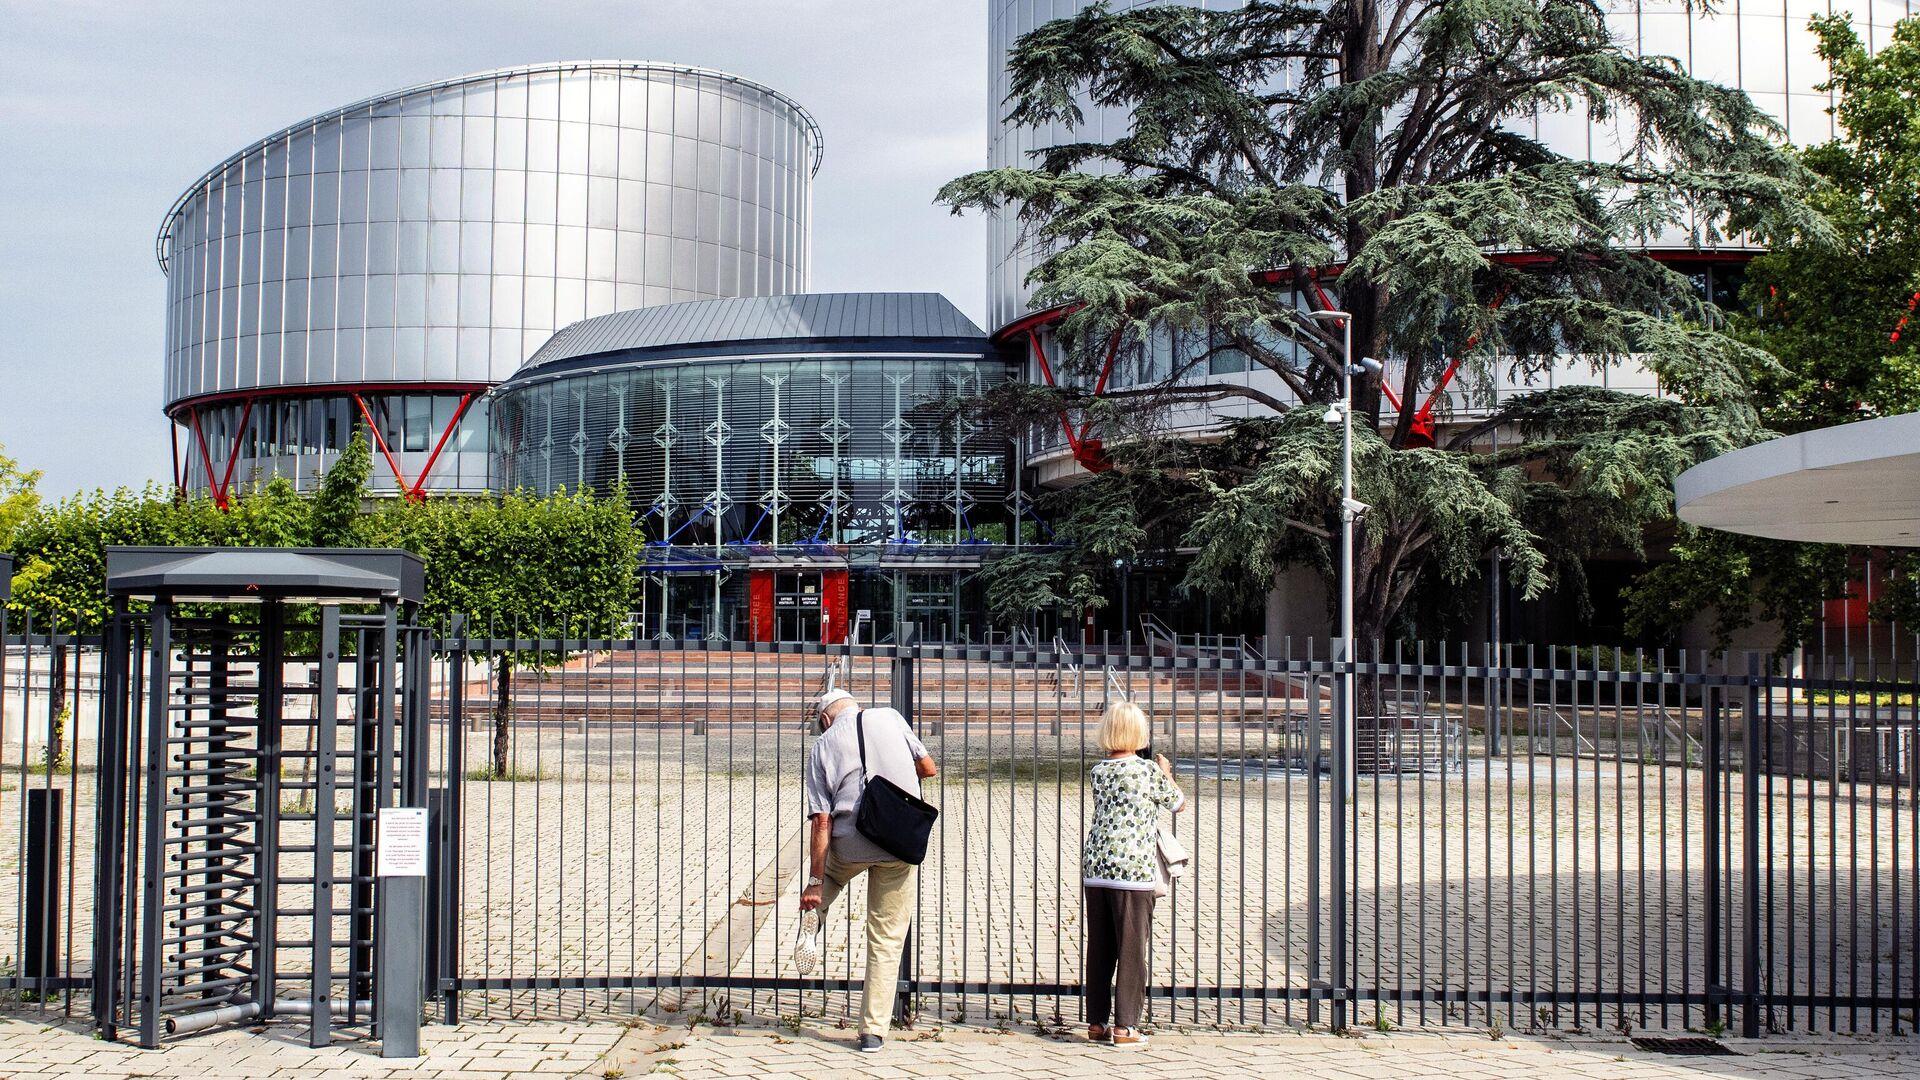 Здание Европейского суда по правам человека (ЕСПЧ) в Страсбурге - РИА Новости, 1920, 27.07.2021